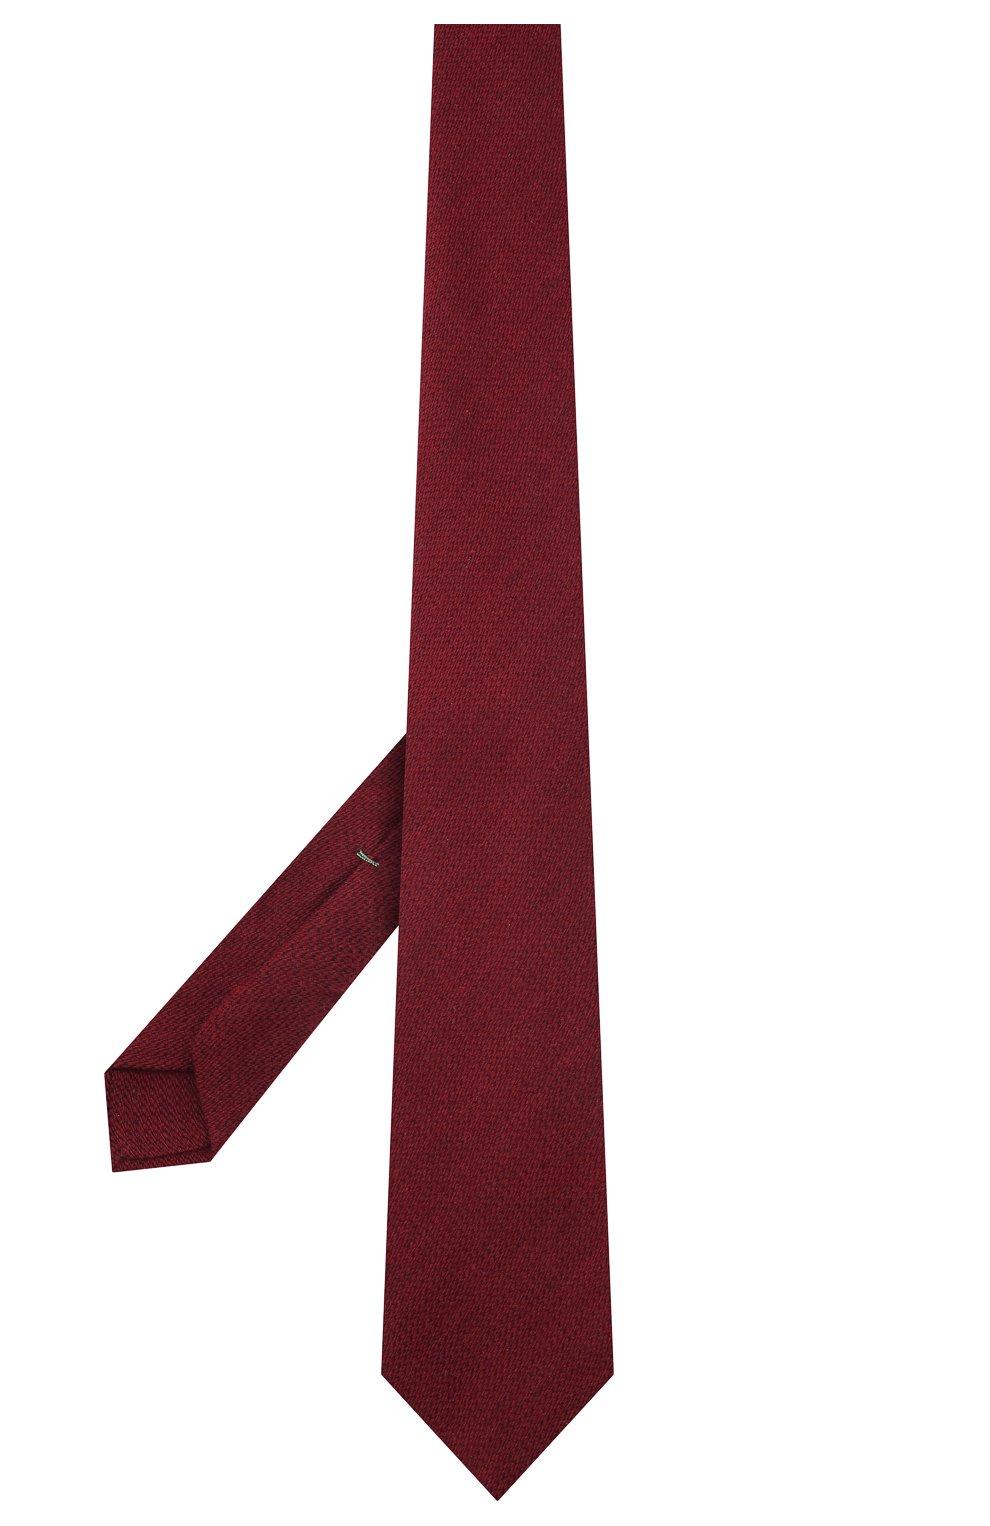 Мужской галстук из шерсти и шелка LUIGI BORRELLI бордового цвета, арт. CR361134 | Фото 3 (Принт: Без принта; Материал: Шерсть)